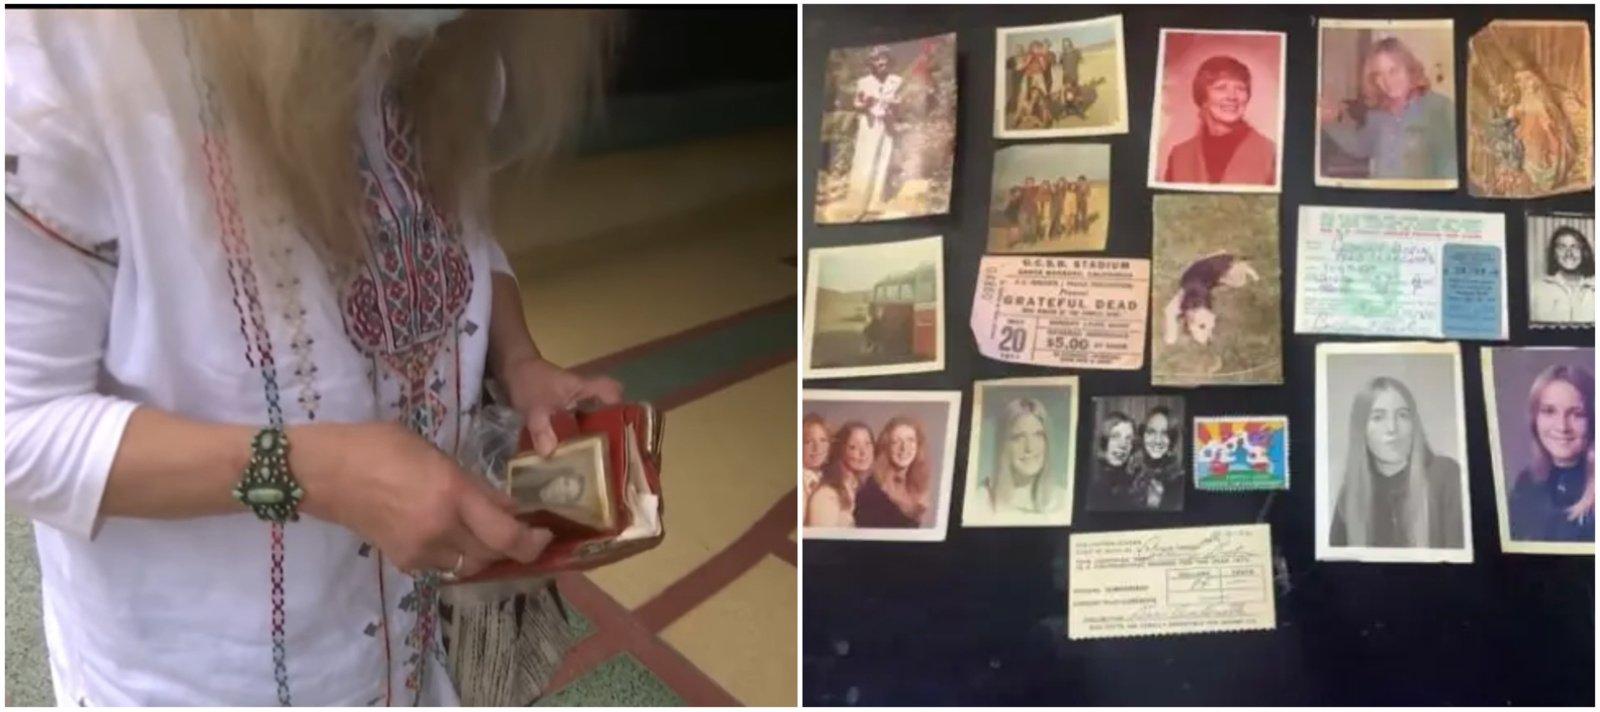 Nuosava laiko kapsulė: moteris piniginę susigrąžino po beveik 50 metų